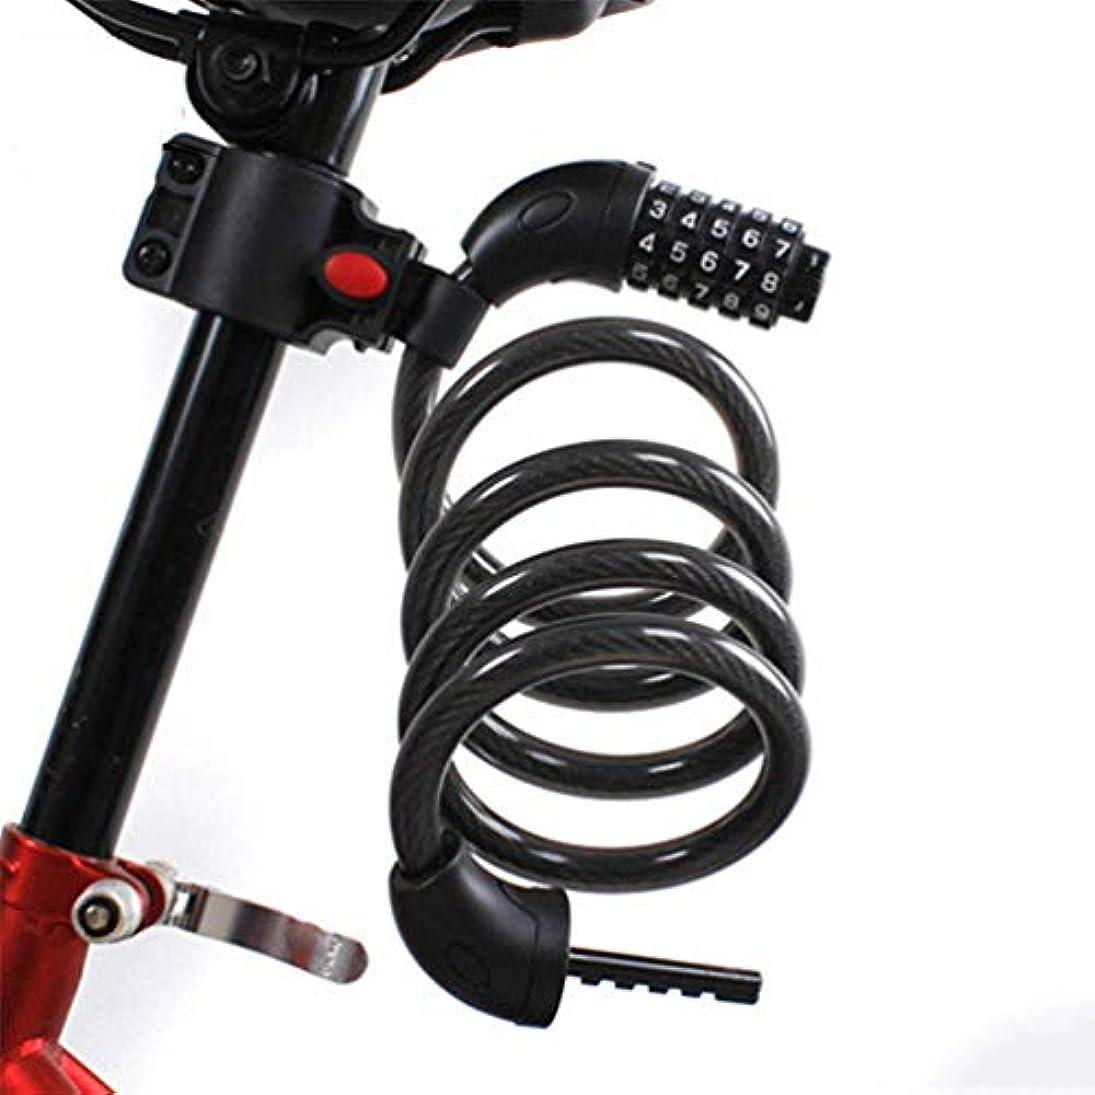 ミスペンド苦しみ妊娠したしっかりした自転車ロック、屋外でのマウンテンバイクバイクスクーターグリル用の強力なセキュリティ自転車チェーンロック、50桁のリセット可能な組み合わせ